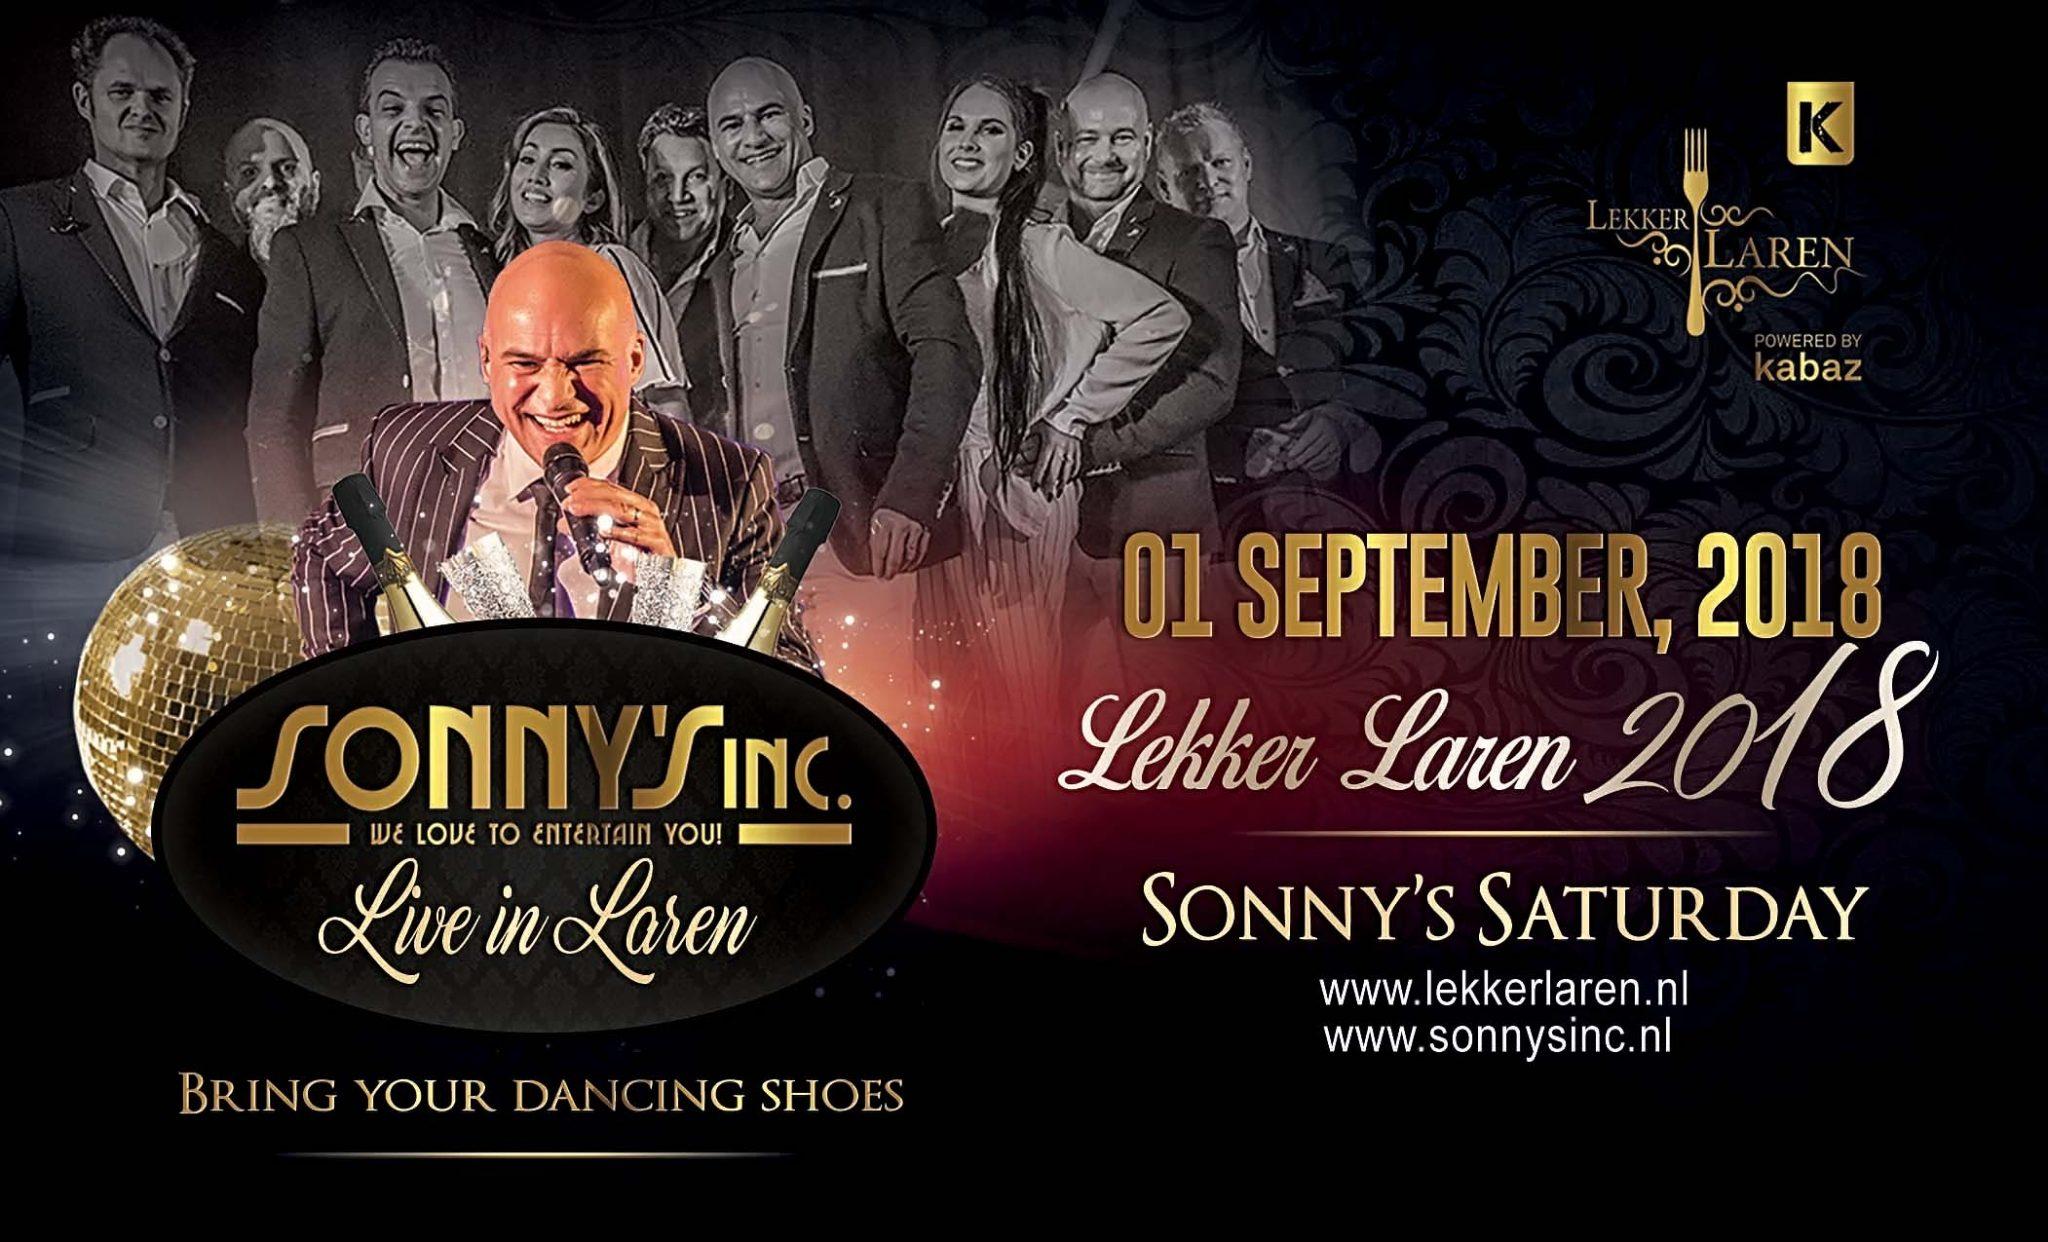 Lekker Laren 2018 met het traditionele concert van Sonny's Inc.